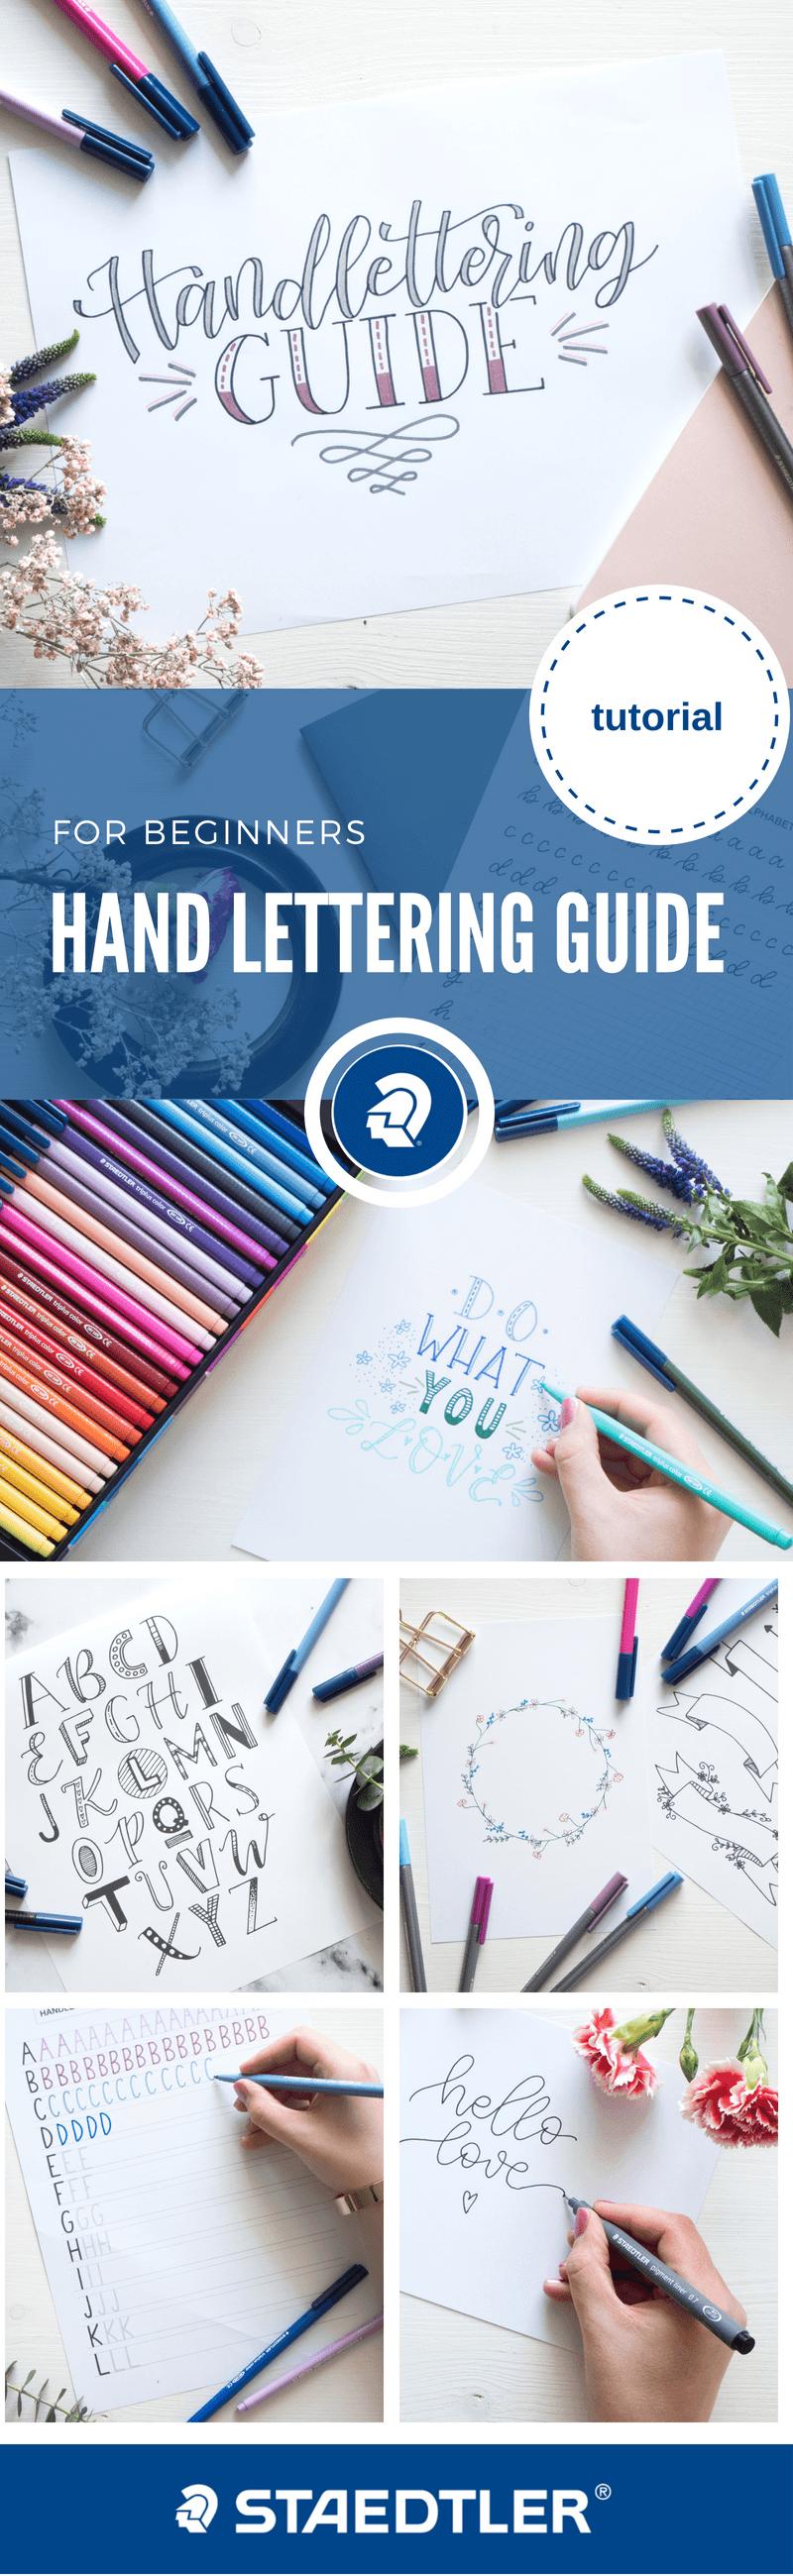 Was ist Handlettering überhaupt? Handlettering bezeichnet das kreative Gestalten von Buchstaben. Hierbei geht es also vielmehr um das Zeichnen oder Malen von Buchstaben, als um das Schreiben im klassischen Sinne. Jeder Buchstabe wird mit viel Geduld, Präzision und auf kreative Art aus…